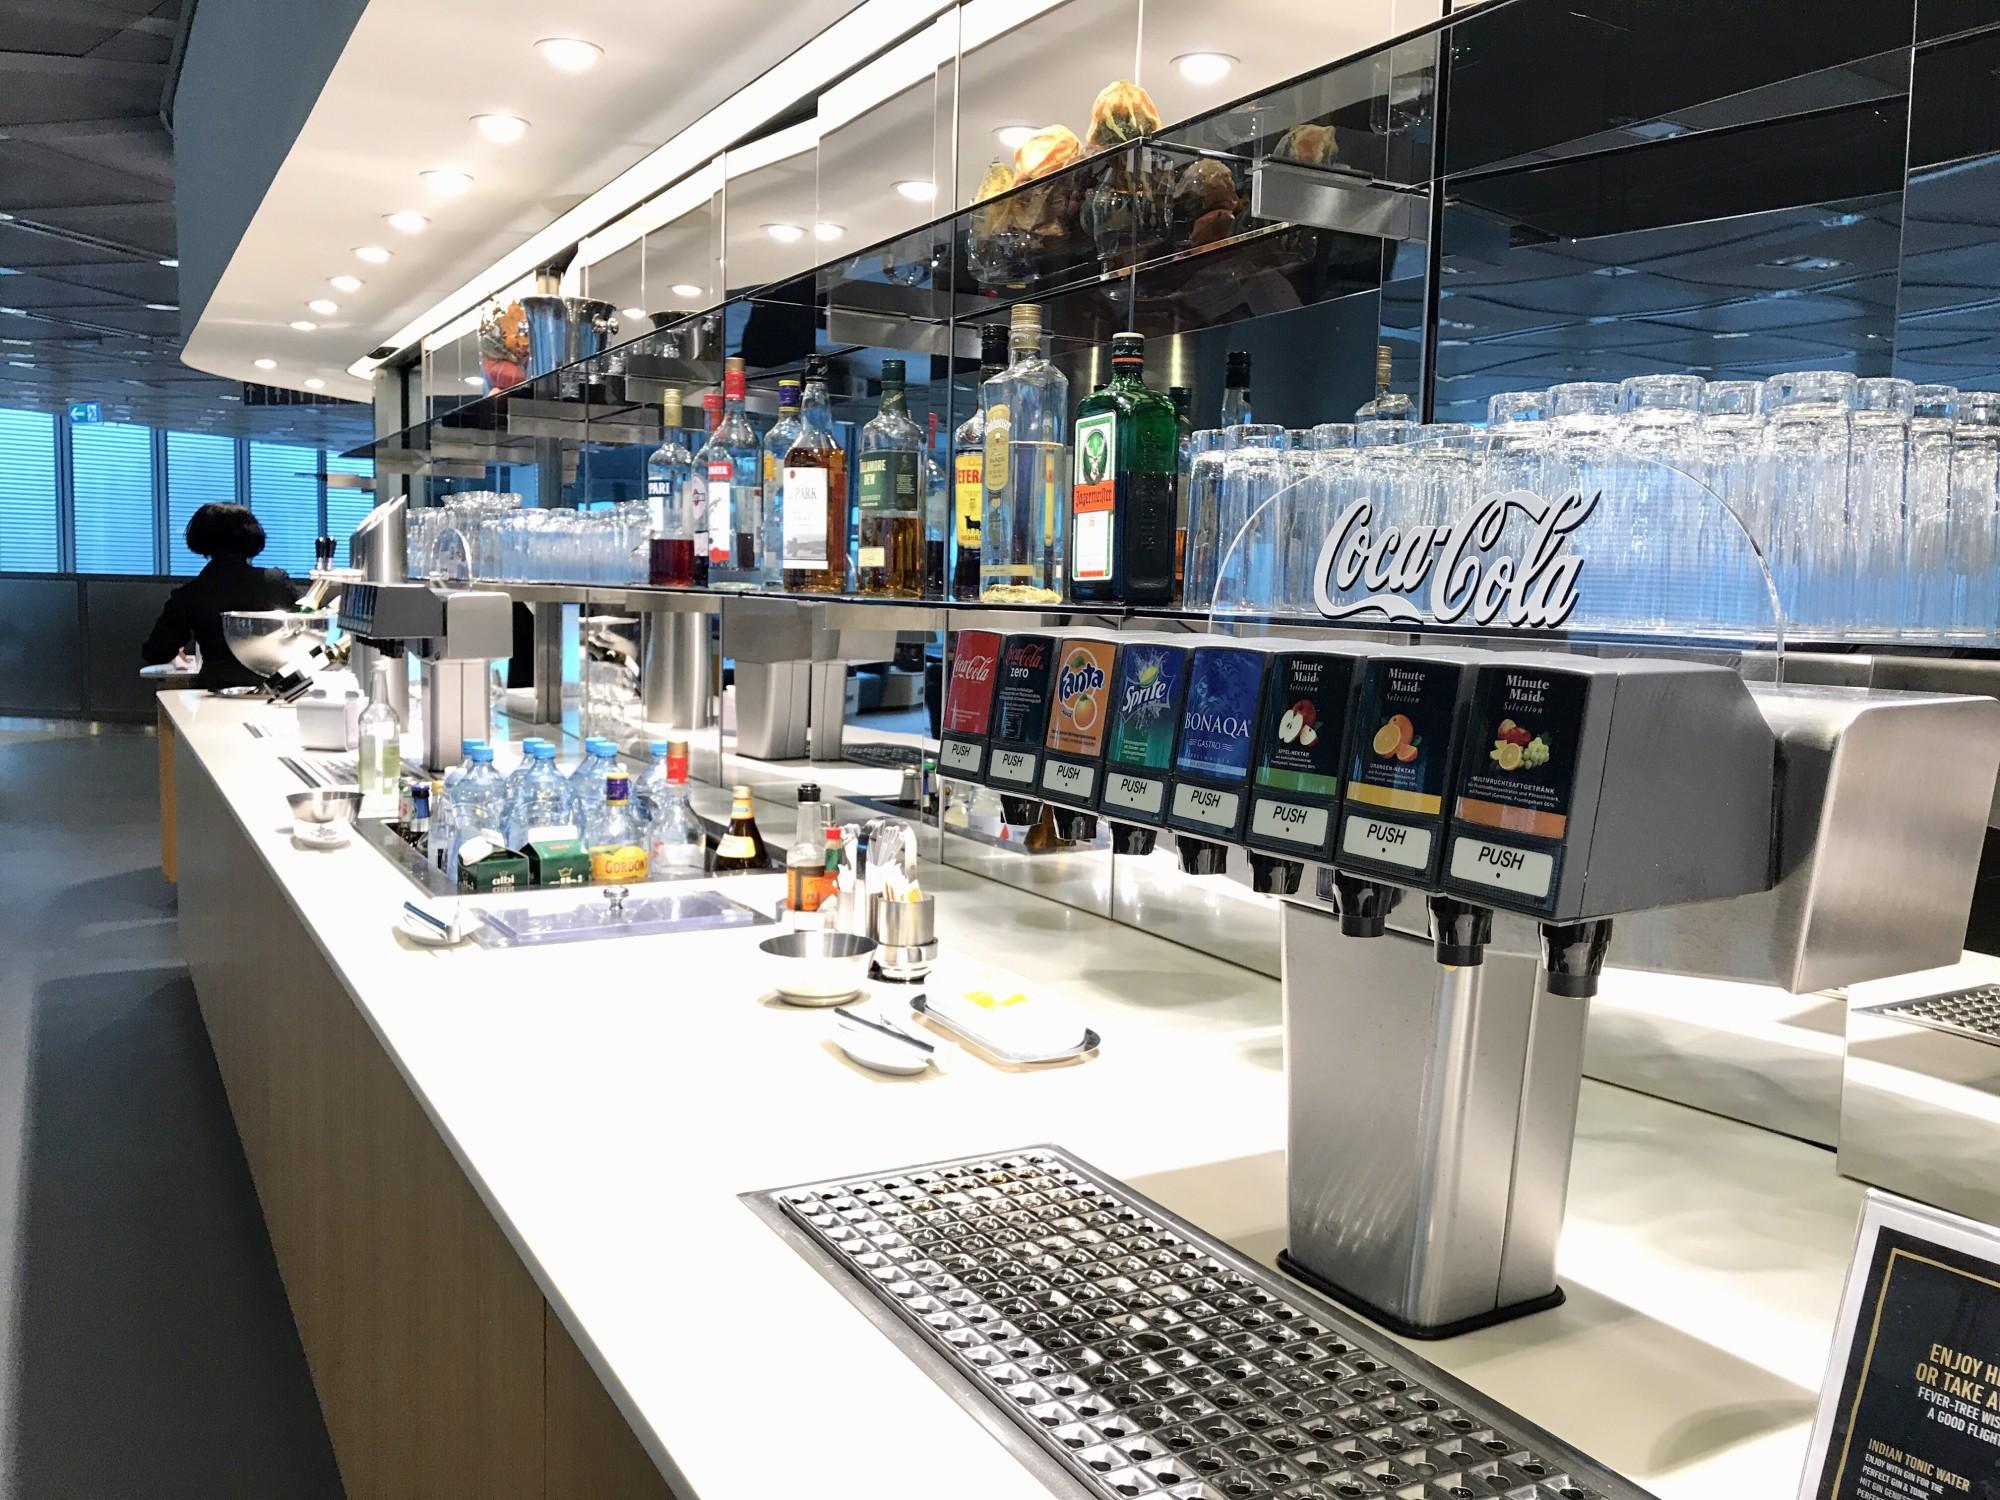 Lufthansa Business Lounge (Non Schengen, Gates B44 B48)